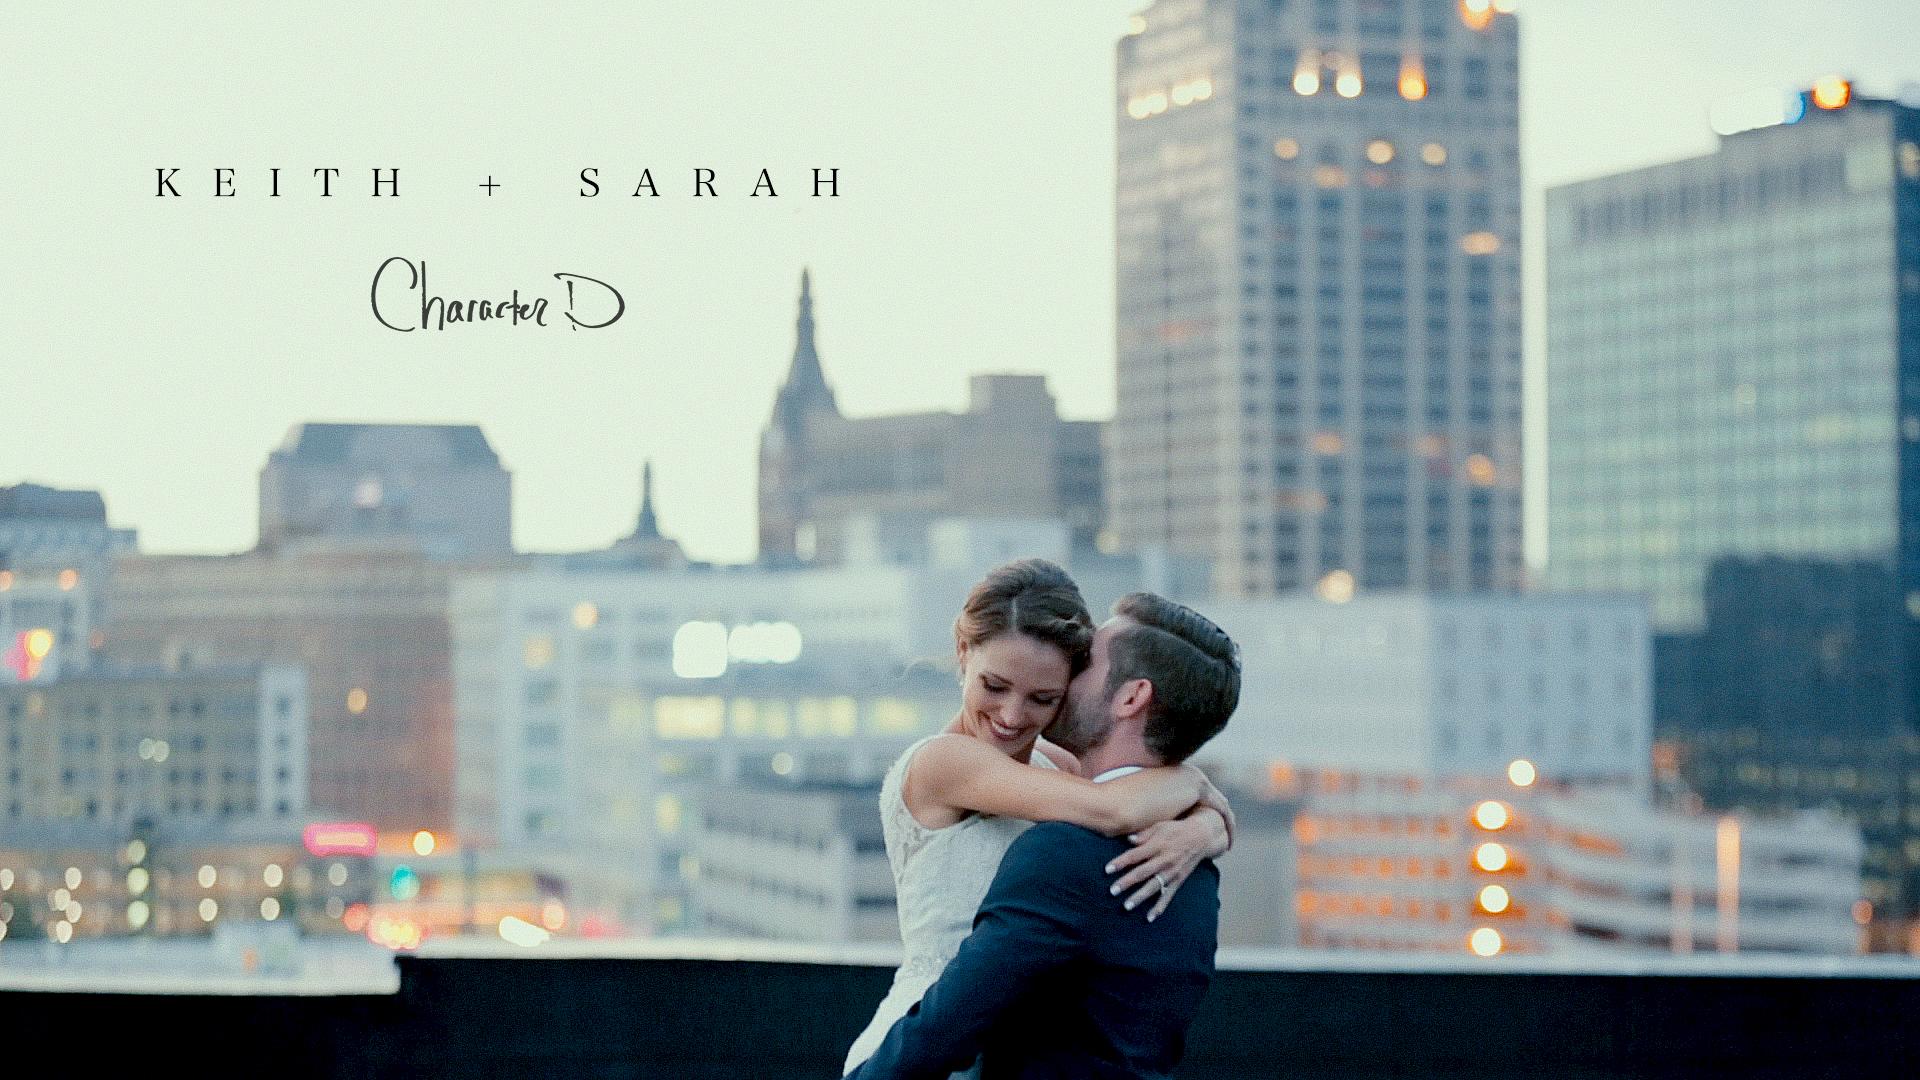 Keith + Sarah